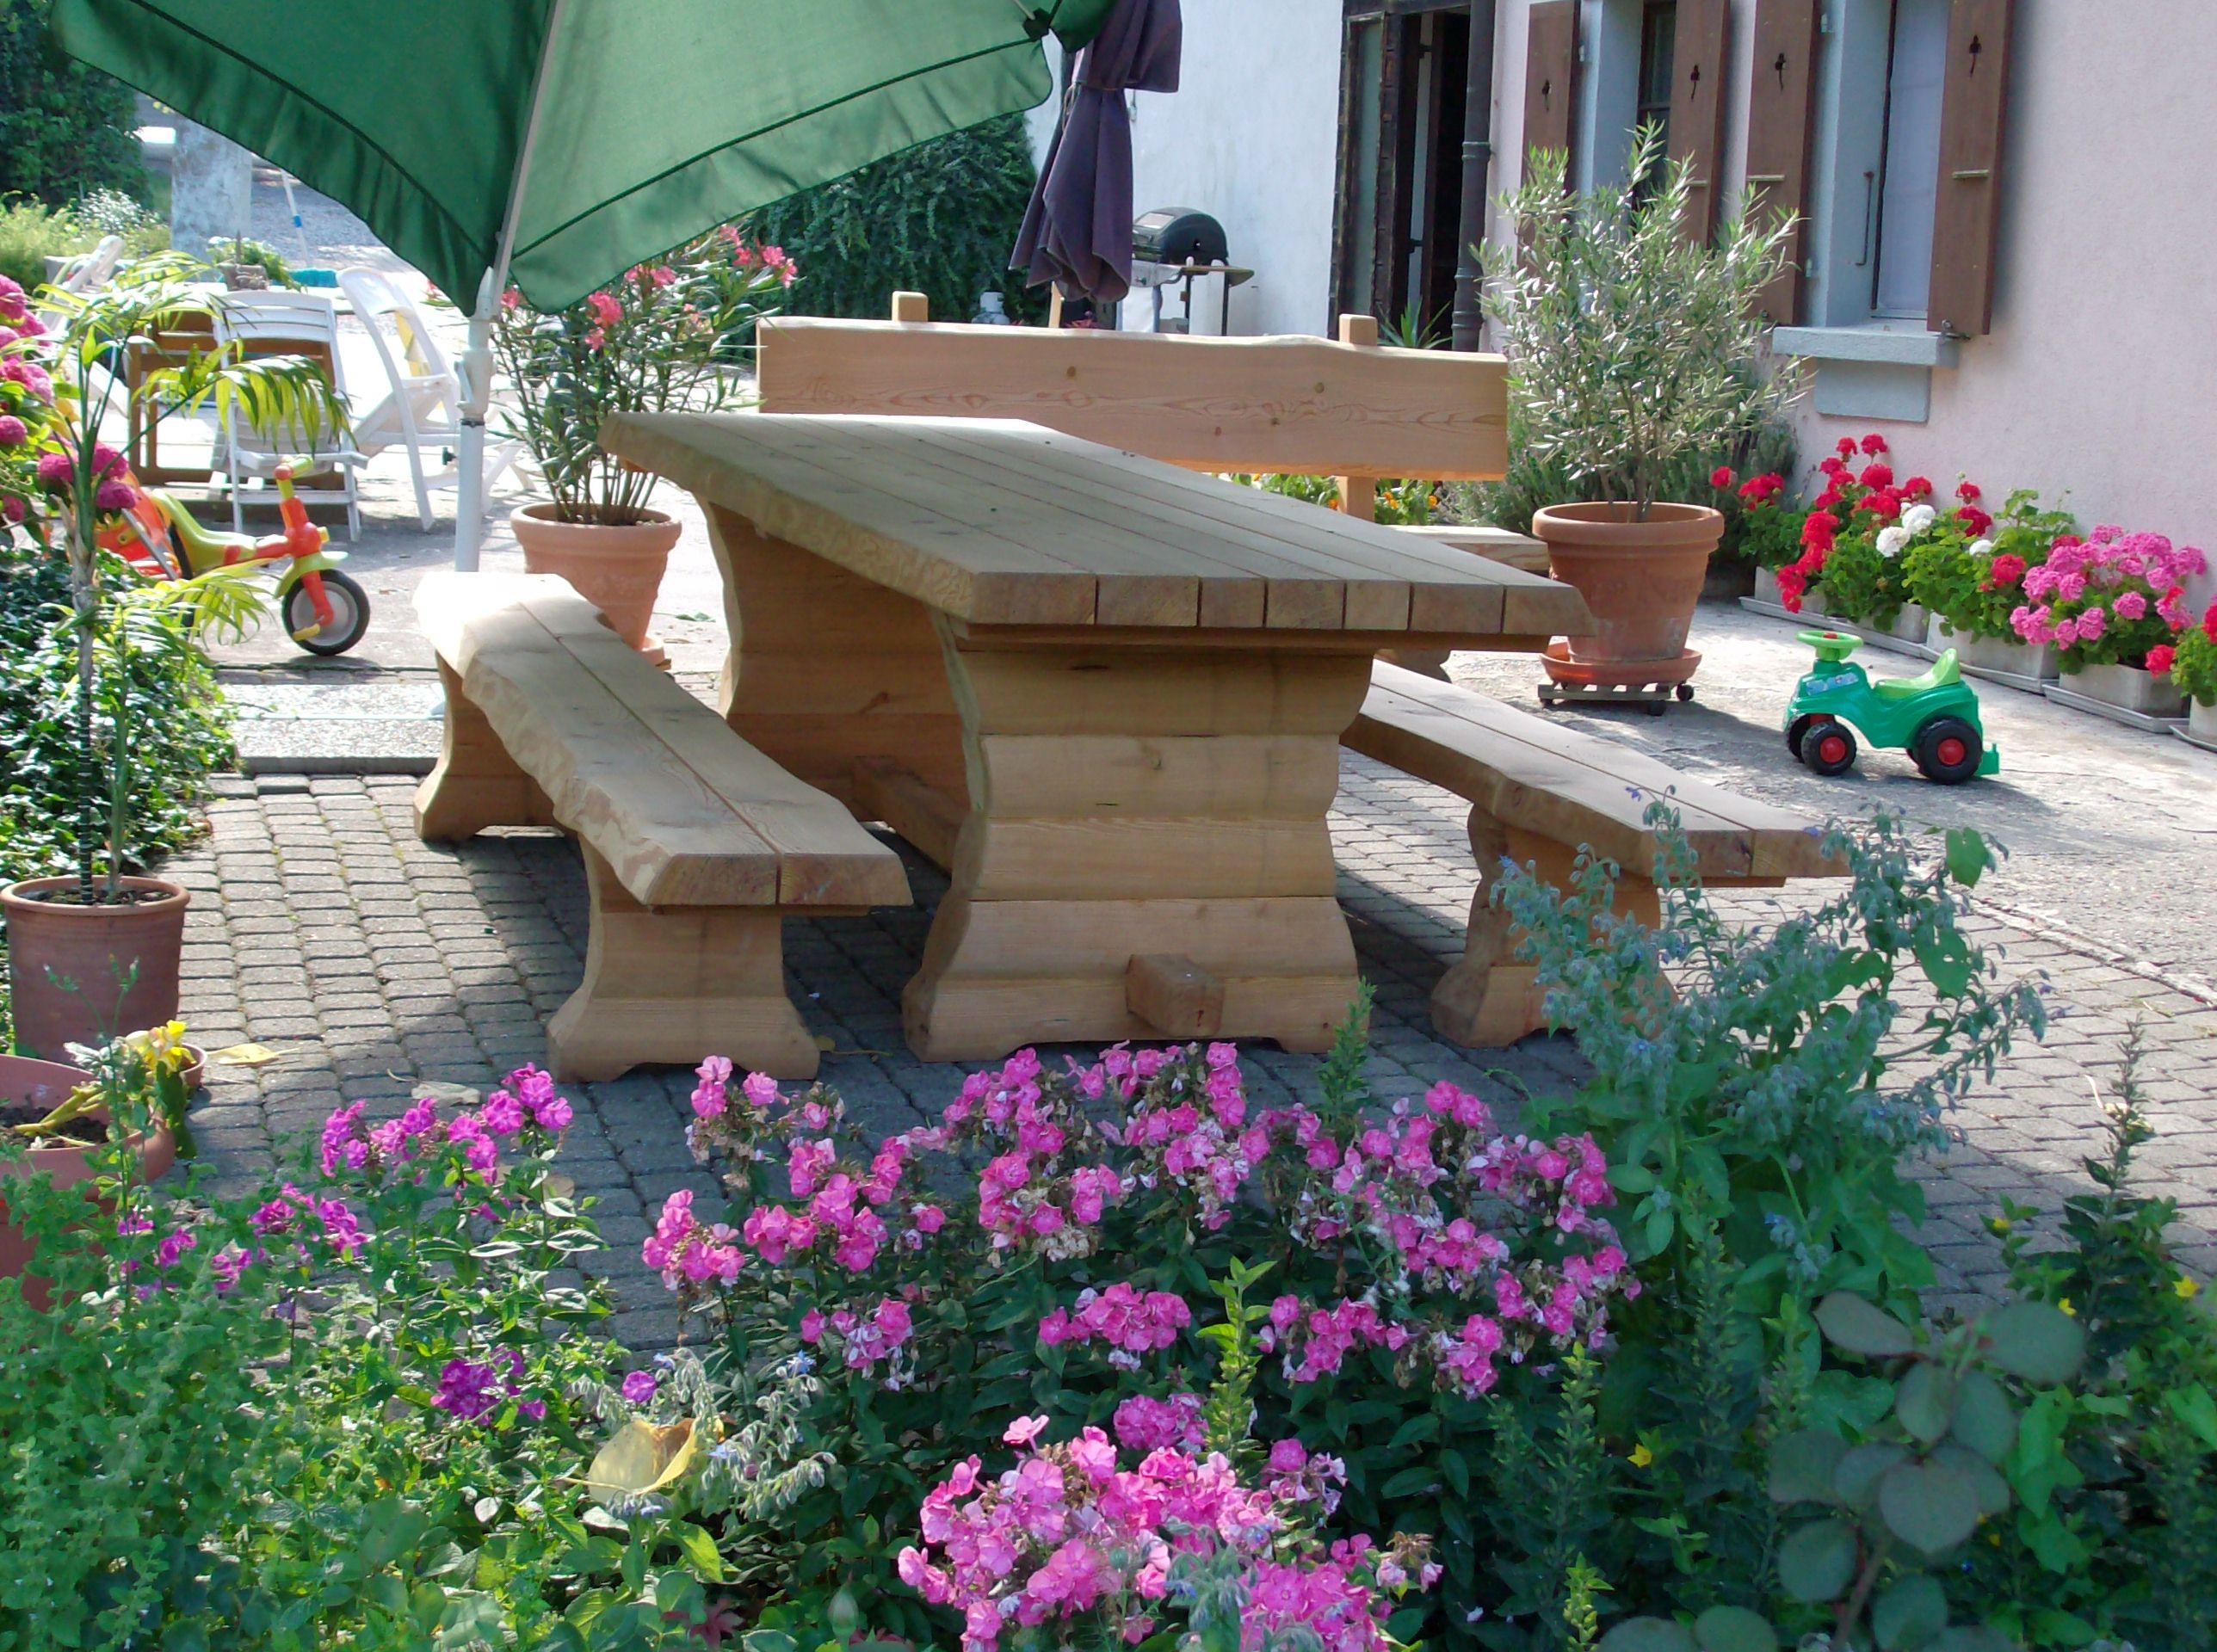 Mobilier de jardin | Triage forestier du Haut-Lac